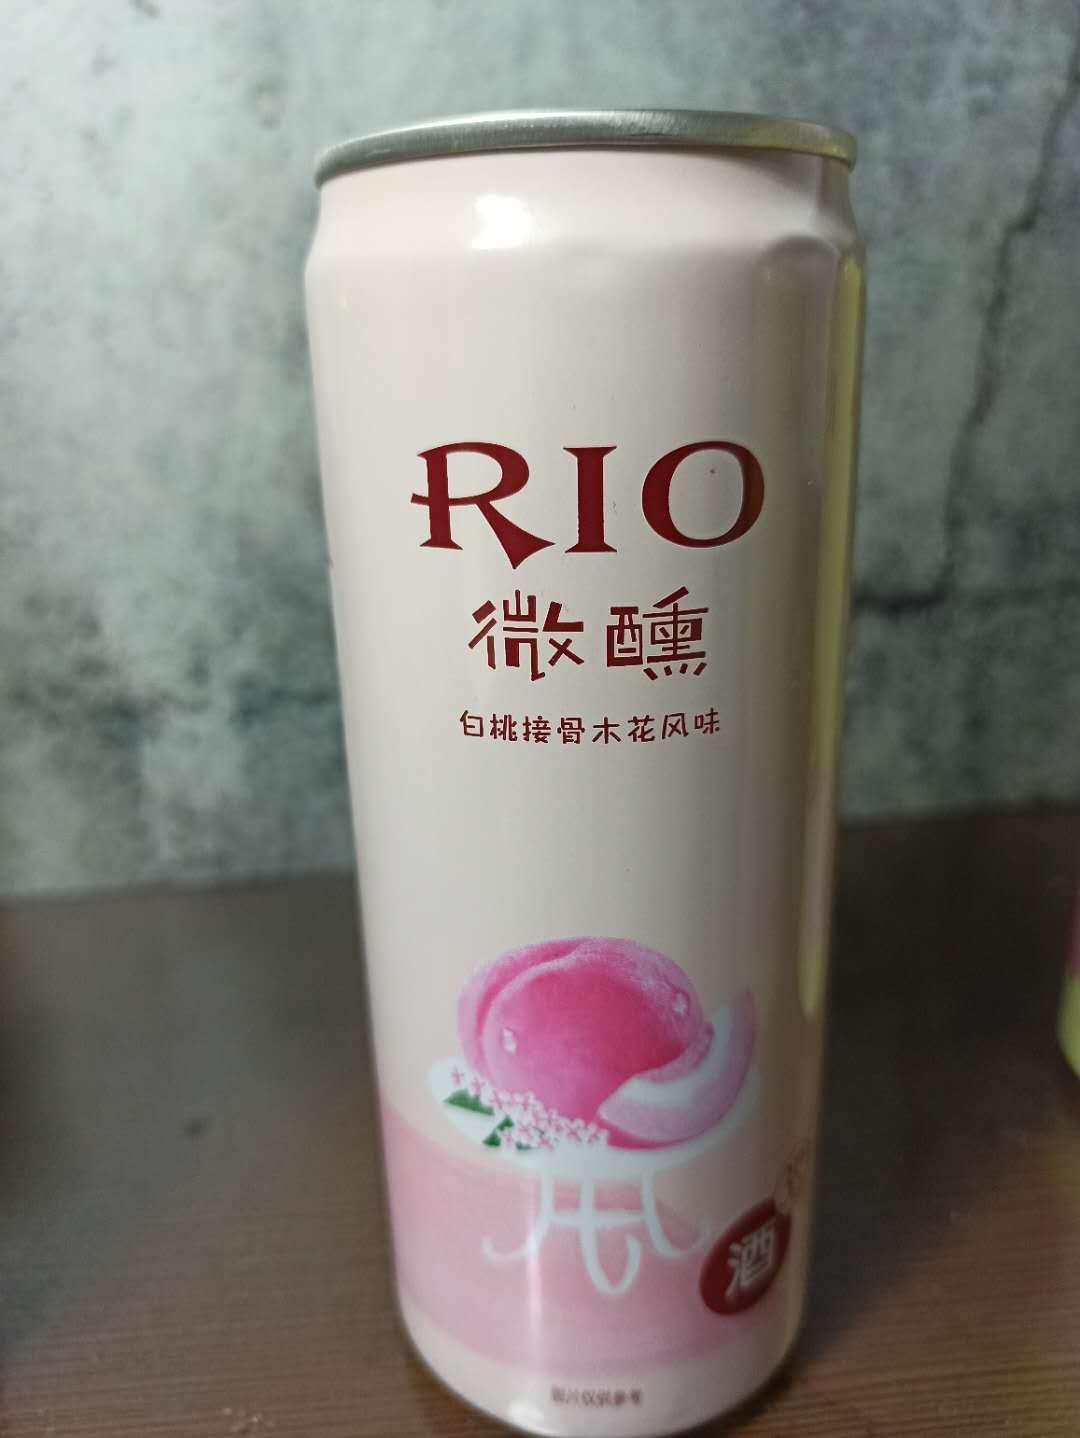 RIO微醺鸡尾酒评测:小酌怡情,不二之选